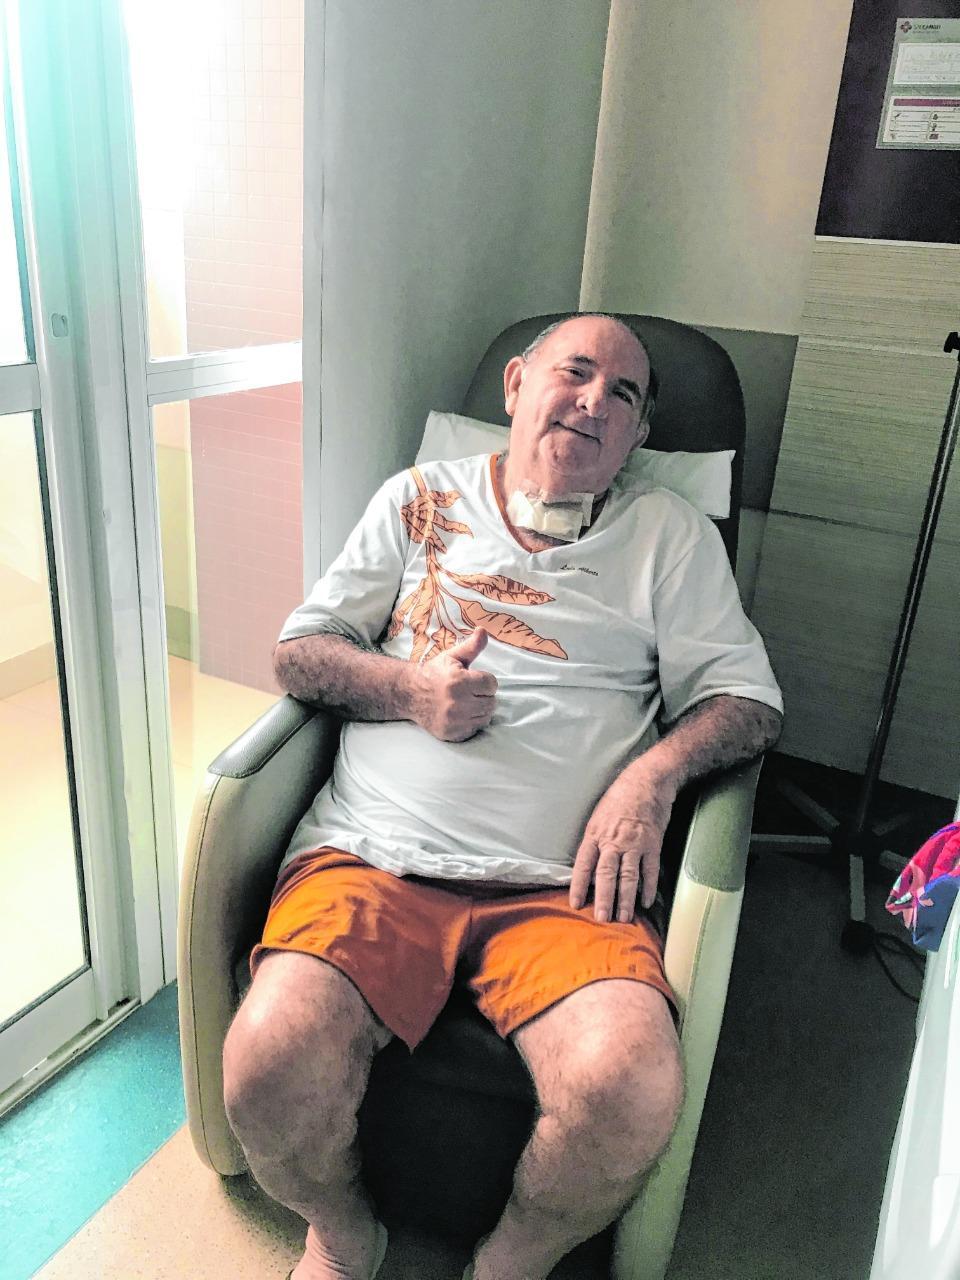 O contador Luís Alberto voltou para casa após 33 dias no hospital